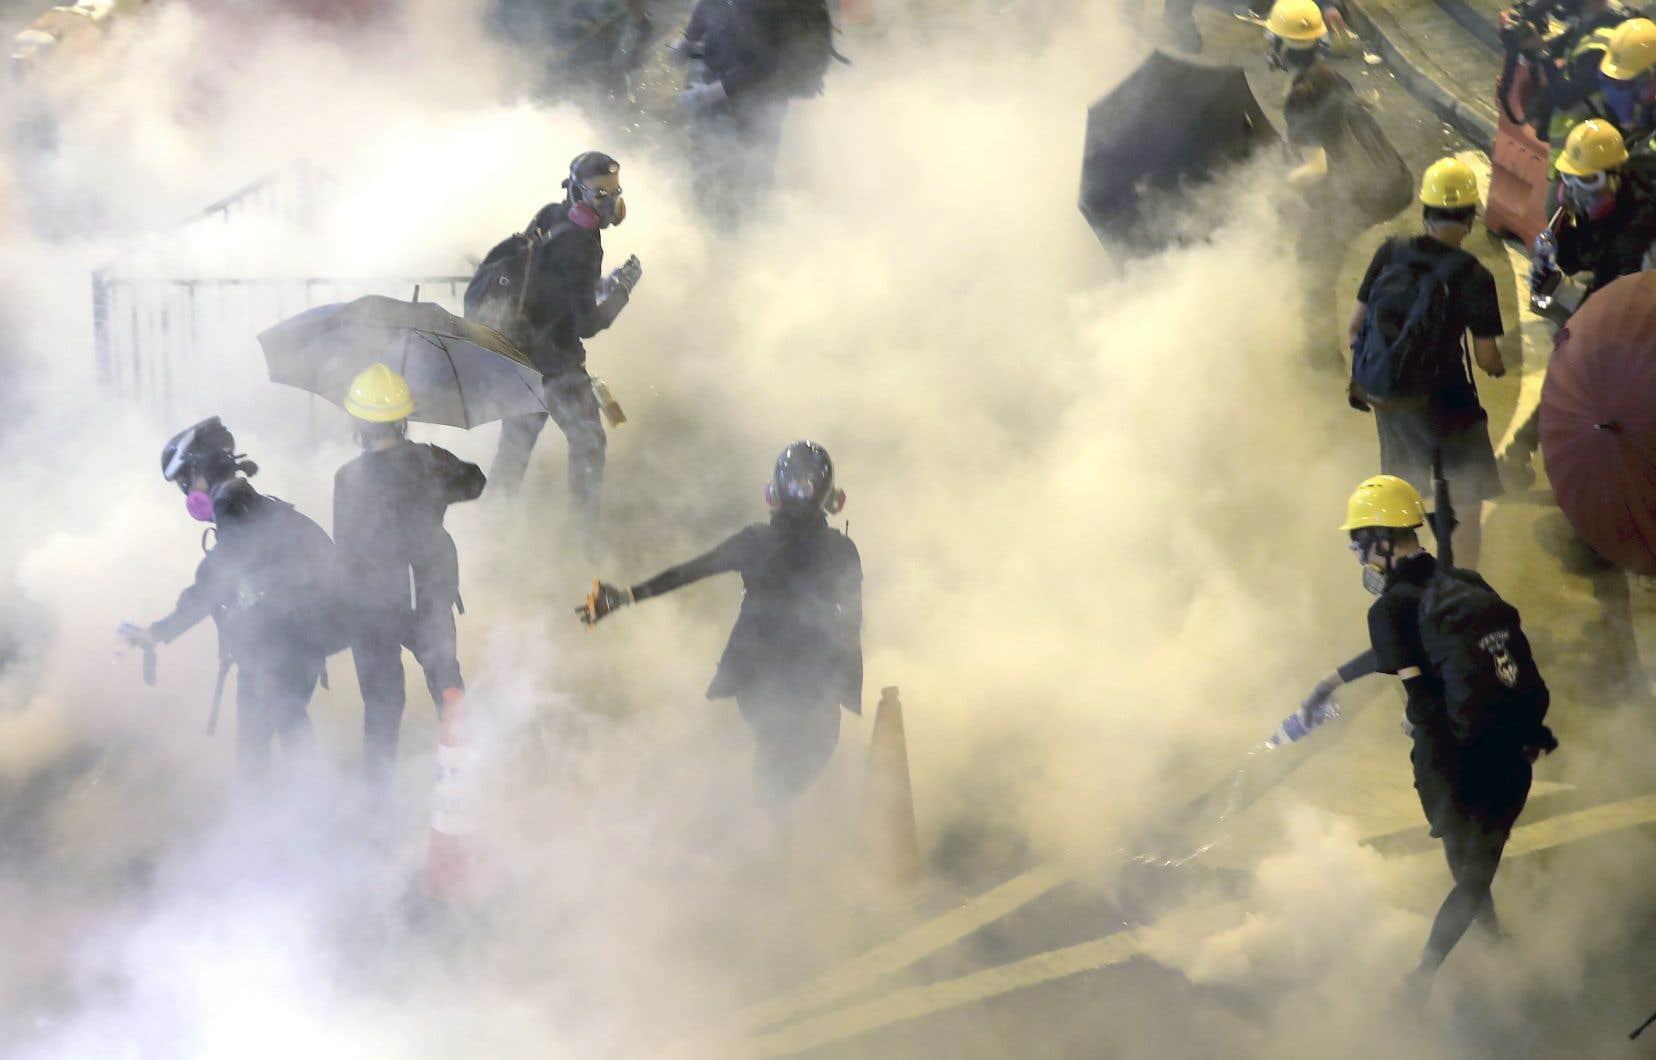 En attendant la grève générale prévue ce lundi, des manifestants radicaux ont multiplié les actions, dimanche, tout au long de la soirée.